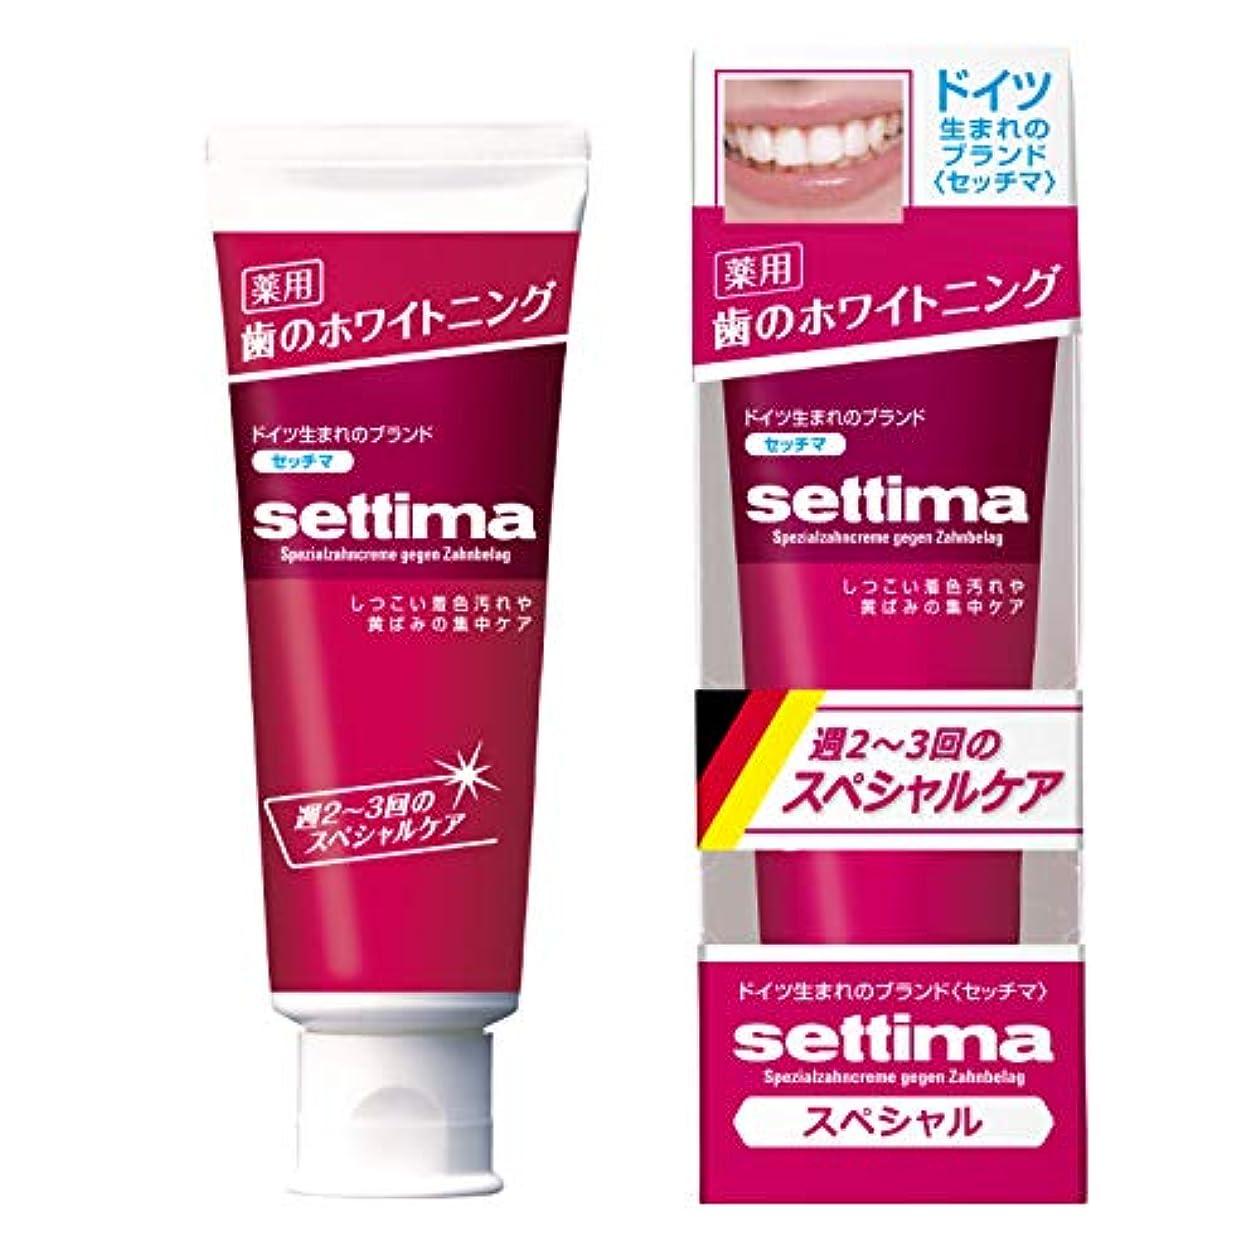 半球社会シールドsettima(セッチマ) ホワイトニング 歯みがき スペシャルケア [ペパーミントタイプ] 80g